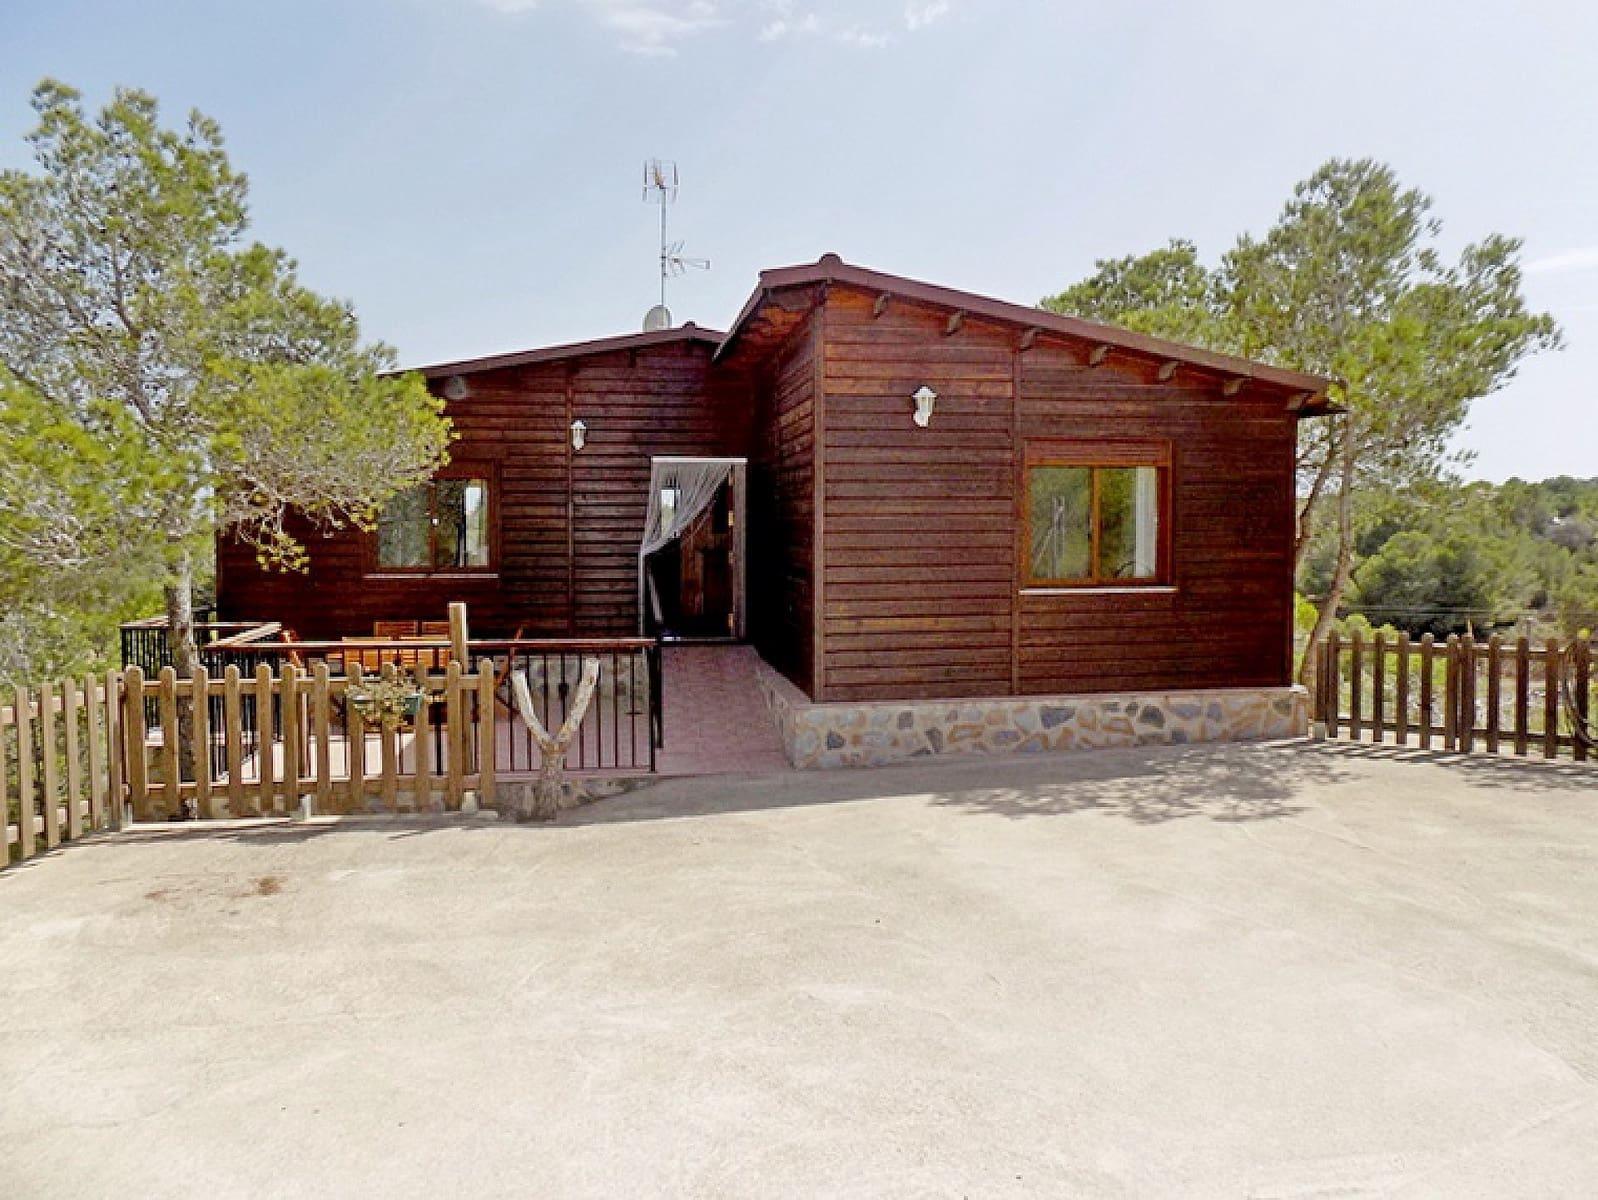 2 sypialnia Dom drewniany na sprzedaż w Pilar de la Horadada z basenem - 165 000 € (Ref: 5954526)